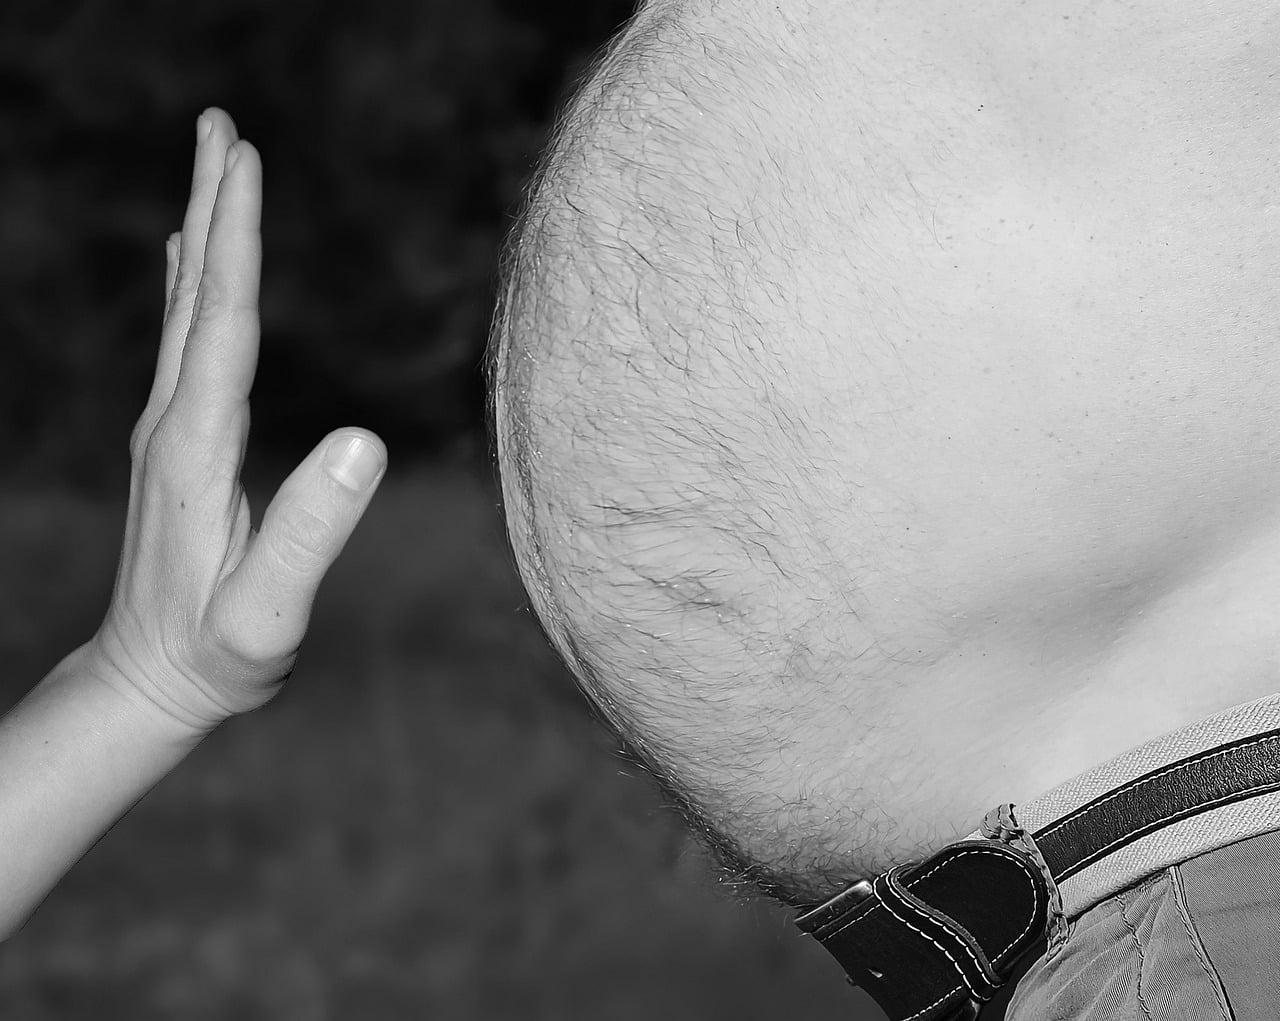 moyen le plus simple de perdre de la graisse agent spécial mcgee perte de poids